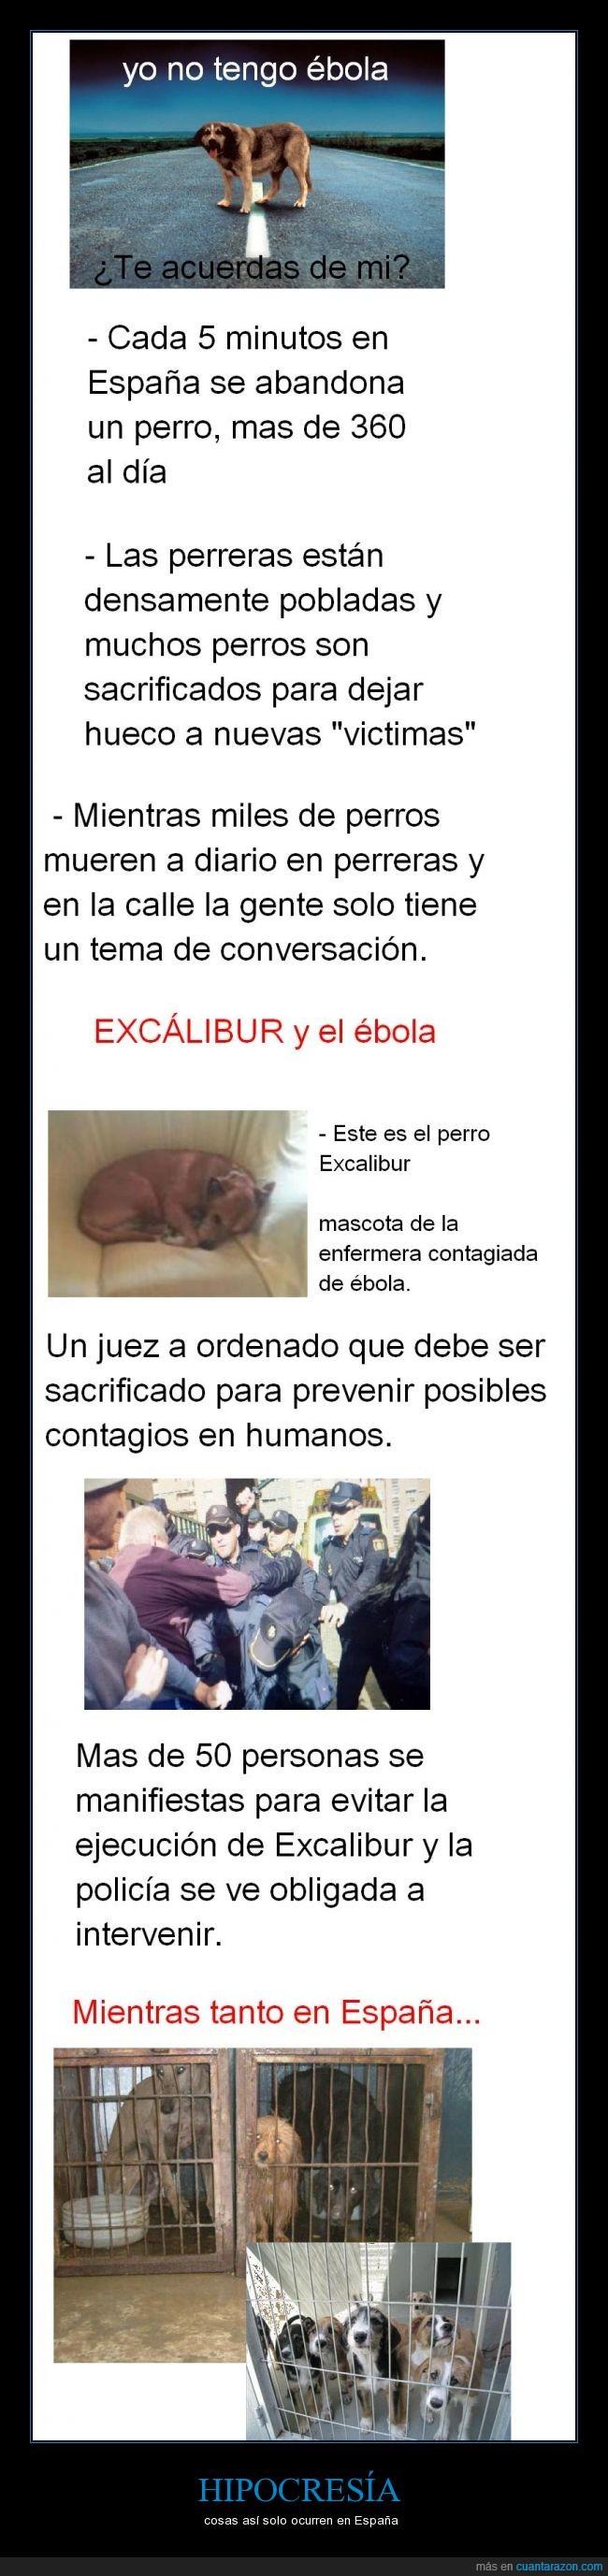 ébola,excalibur,falso,hipocresia,llanto,perrera,perro,sacrificar